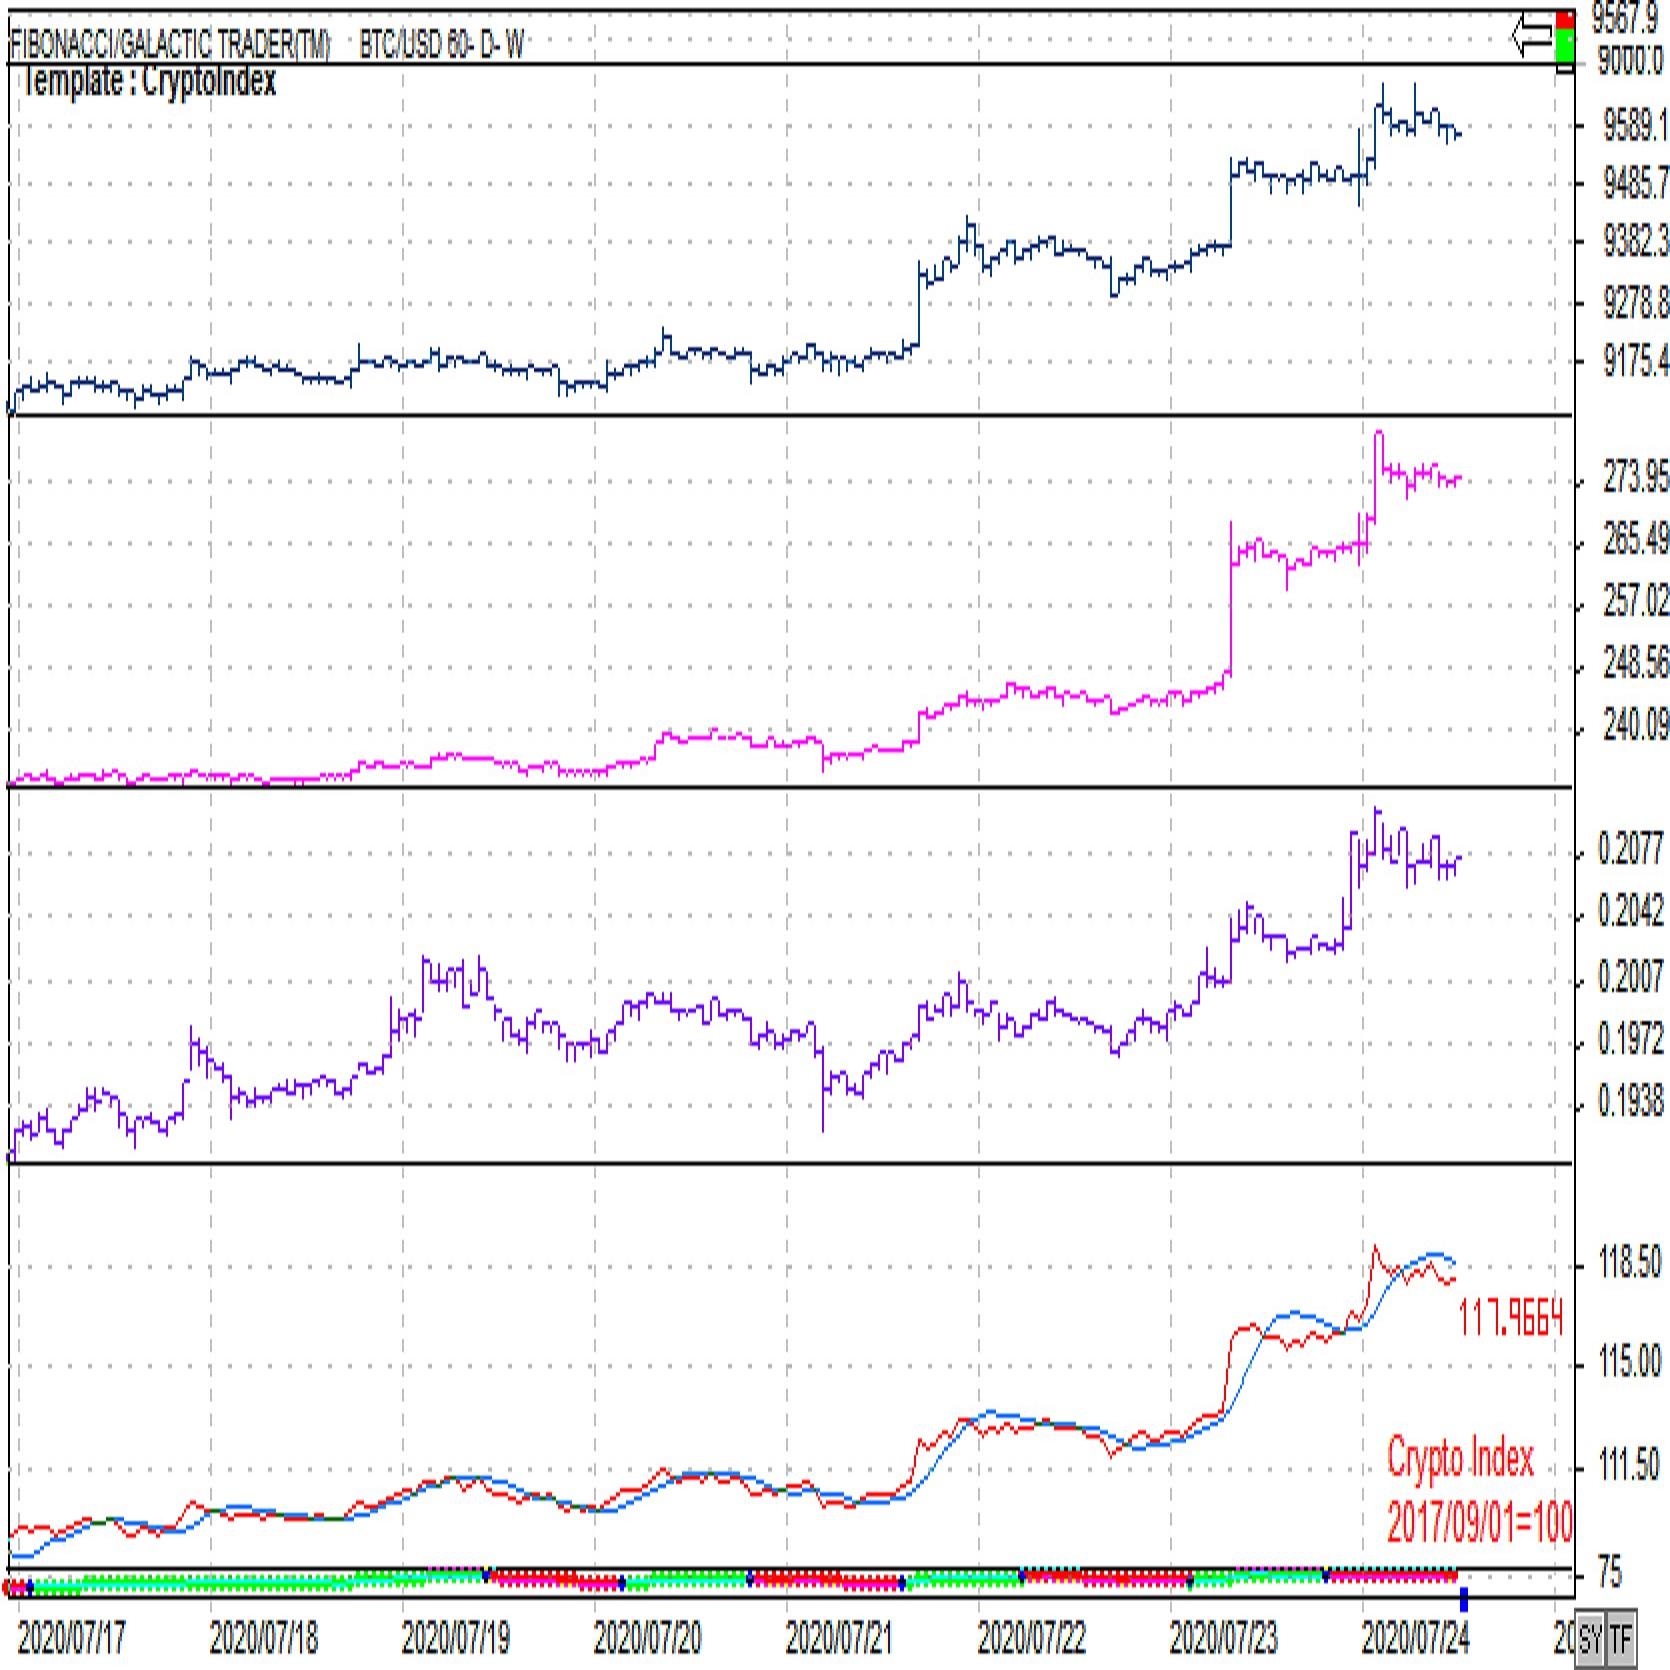 ビットコイン 「下降トレンドから上昇トレンドへと転換」 2枚目の画像